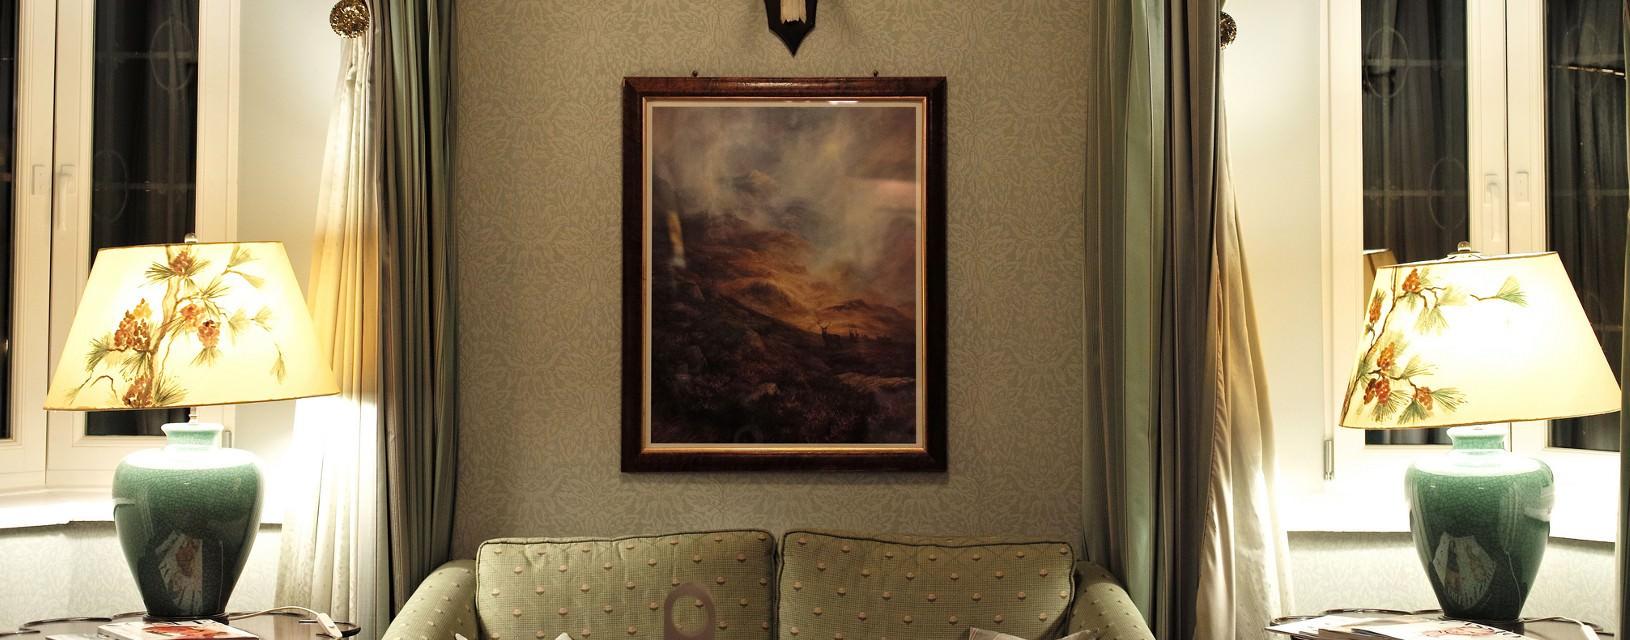 gardinen und vorh nge schaffen stimmung. Black Bedroom Furniture Sets. Home Design Ideas